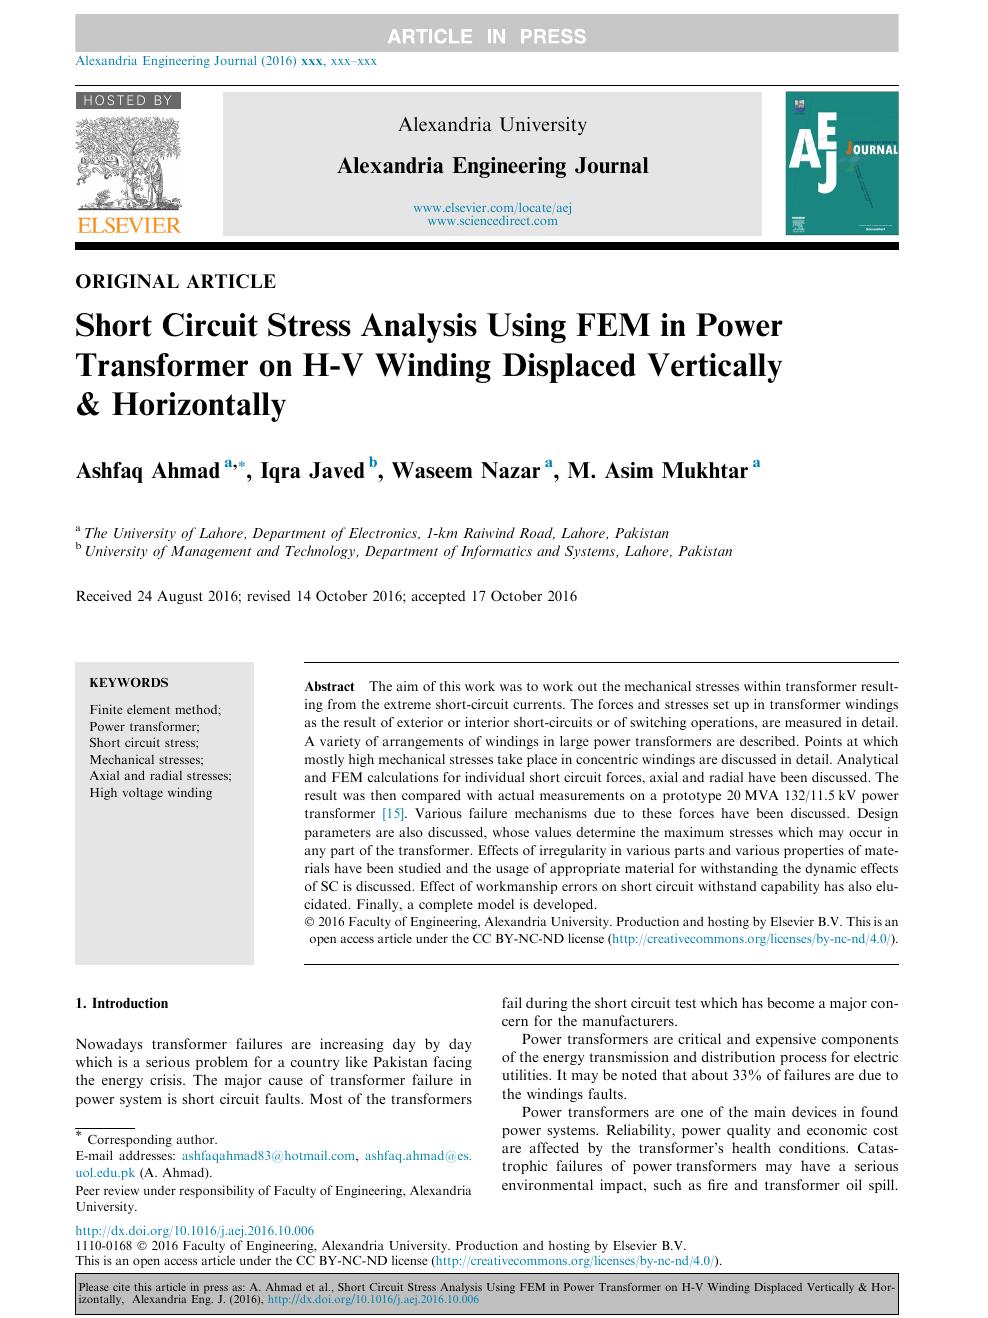 Short Circuit Stress Analysis Using FEM in Power Transformer